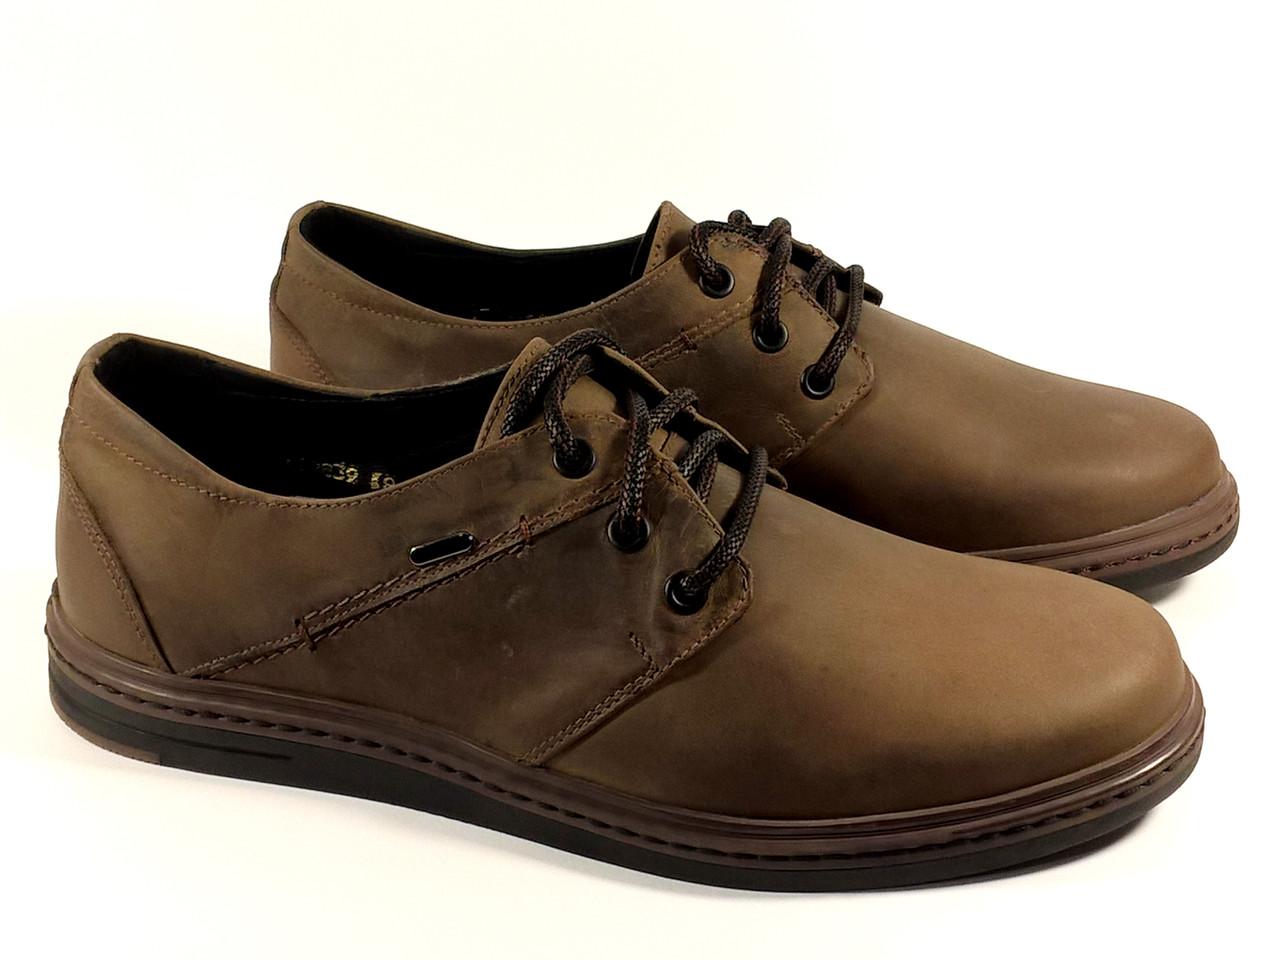 10d2a61c Мужские туфли комфорт Мида 110839 коричневые, натуральная кожа -  интернет-магазин